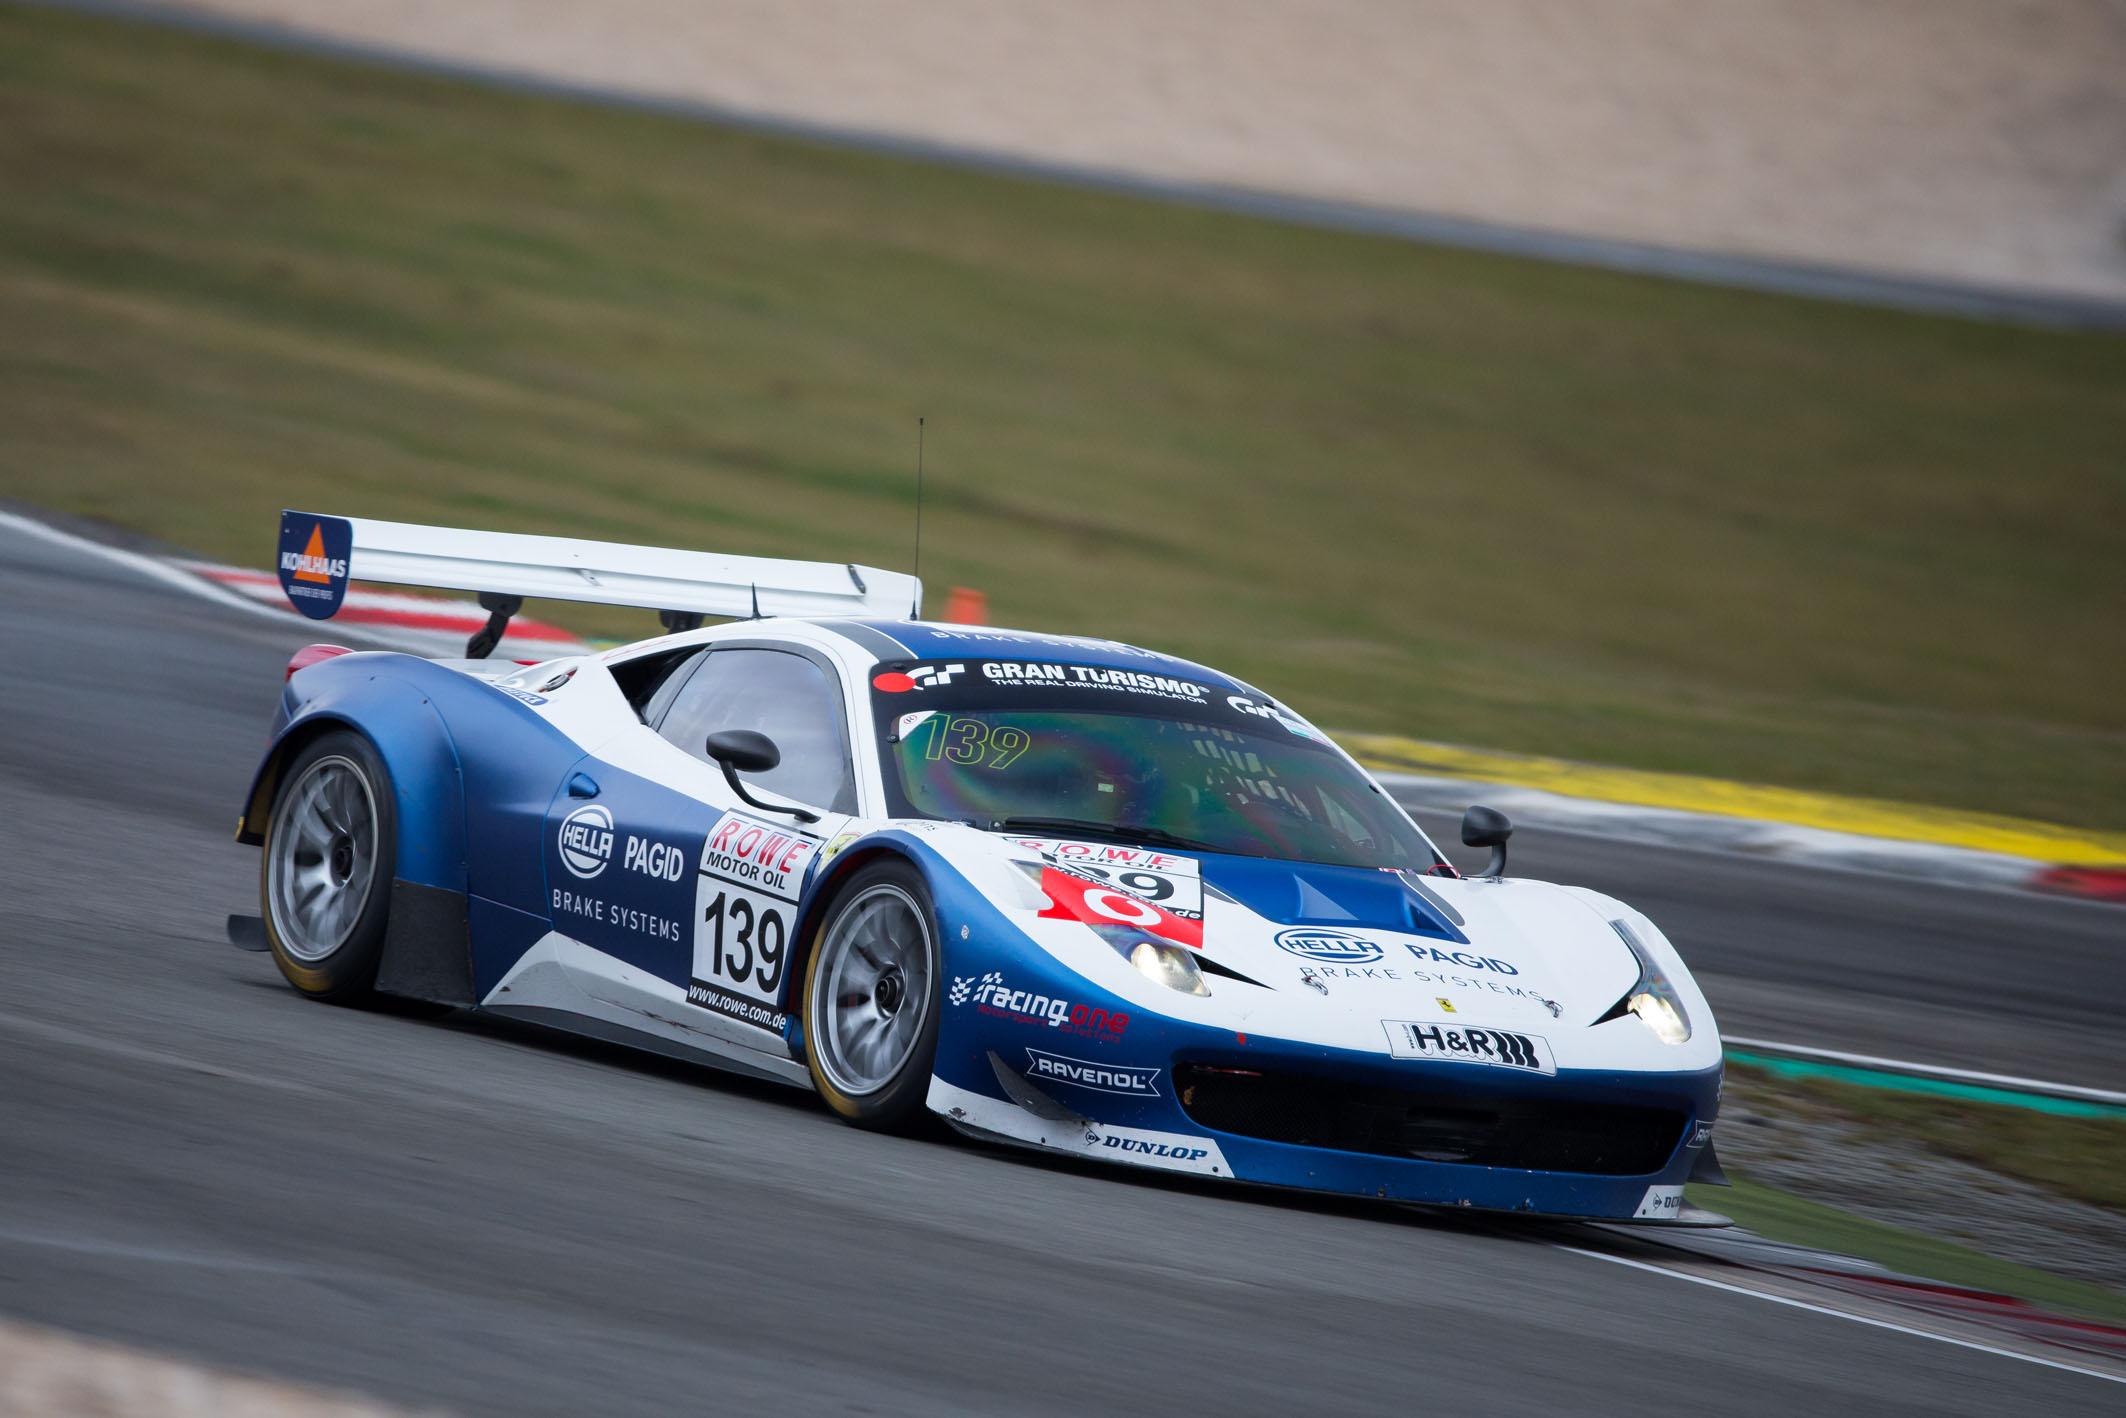 dunlop-vln2019-test-racing-one-ferrari-458-879677.jpg